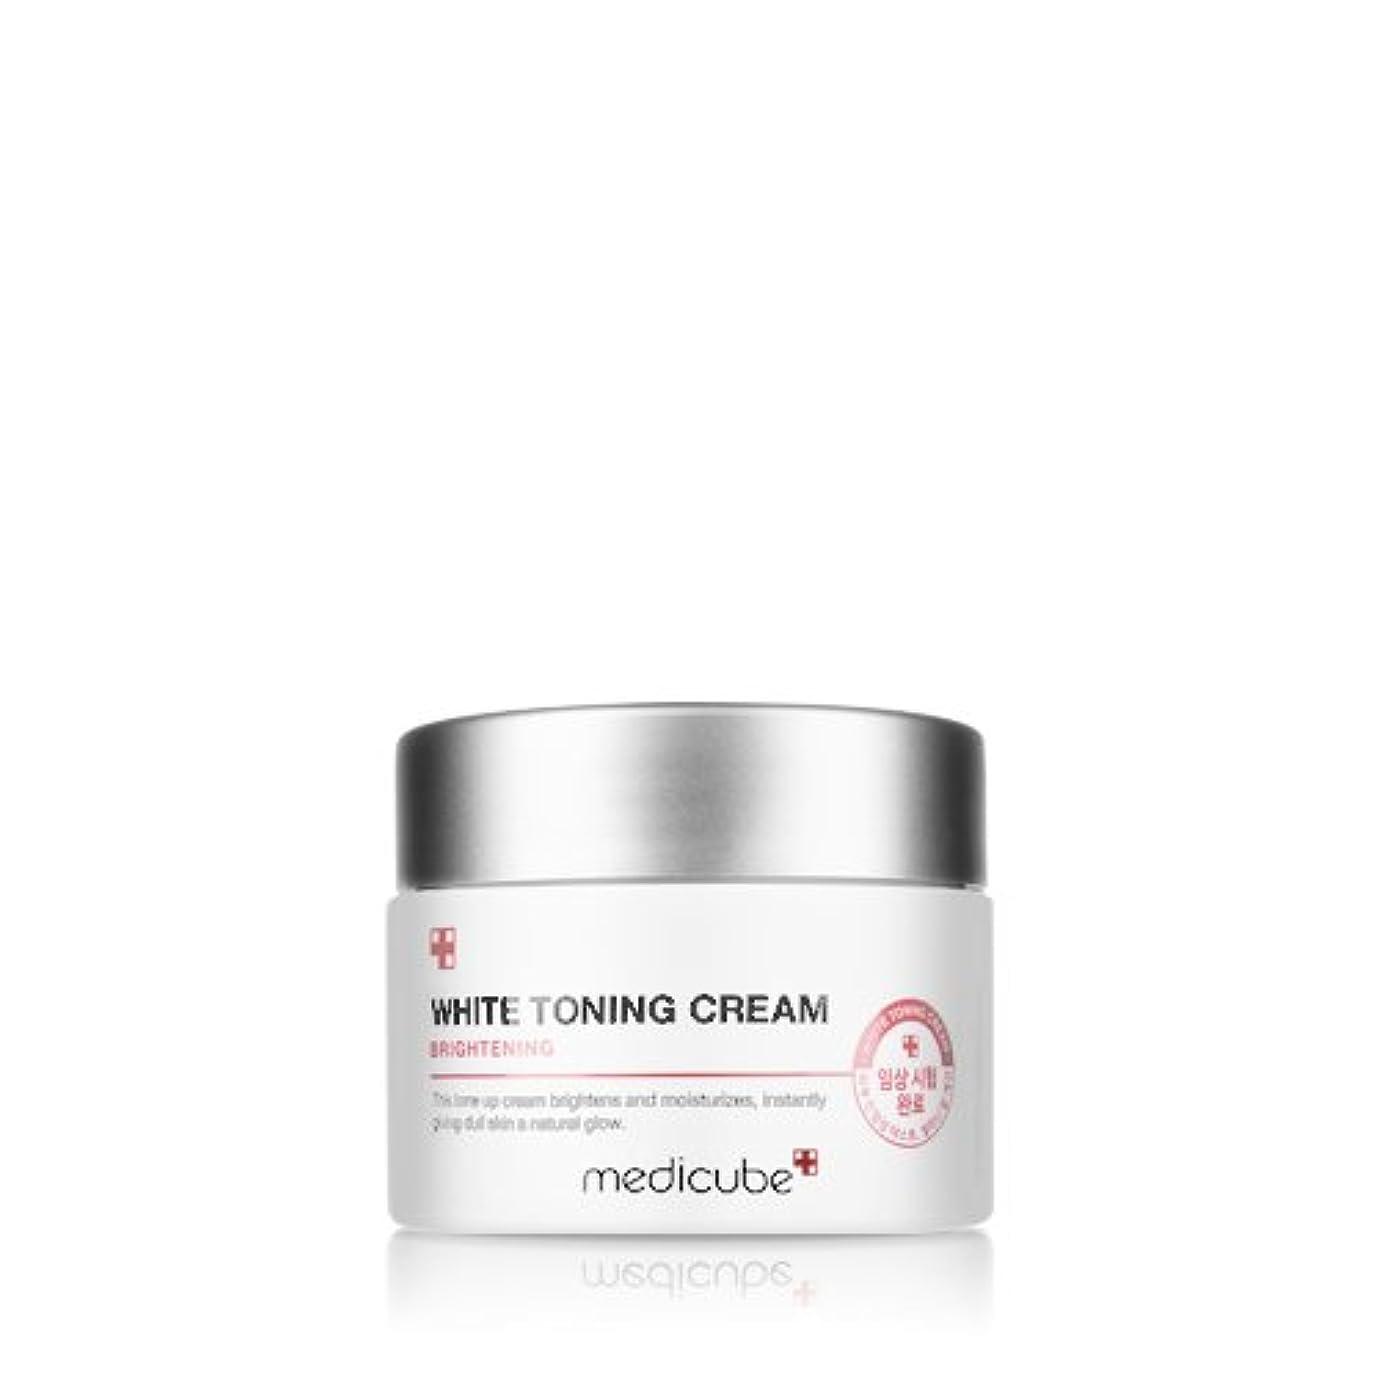 交渉する人口北方[Medicube] WHITE TONING CREAM / メディキューブ ホワイトトーニングクリーム / 正品?海外直送商品